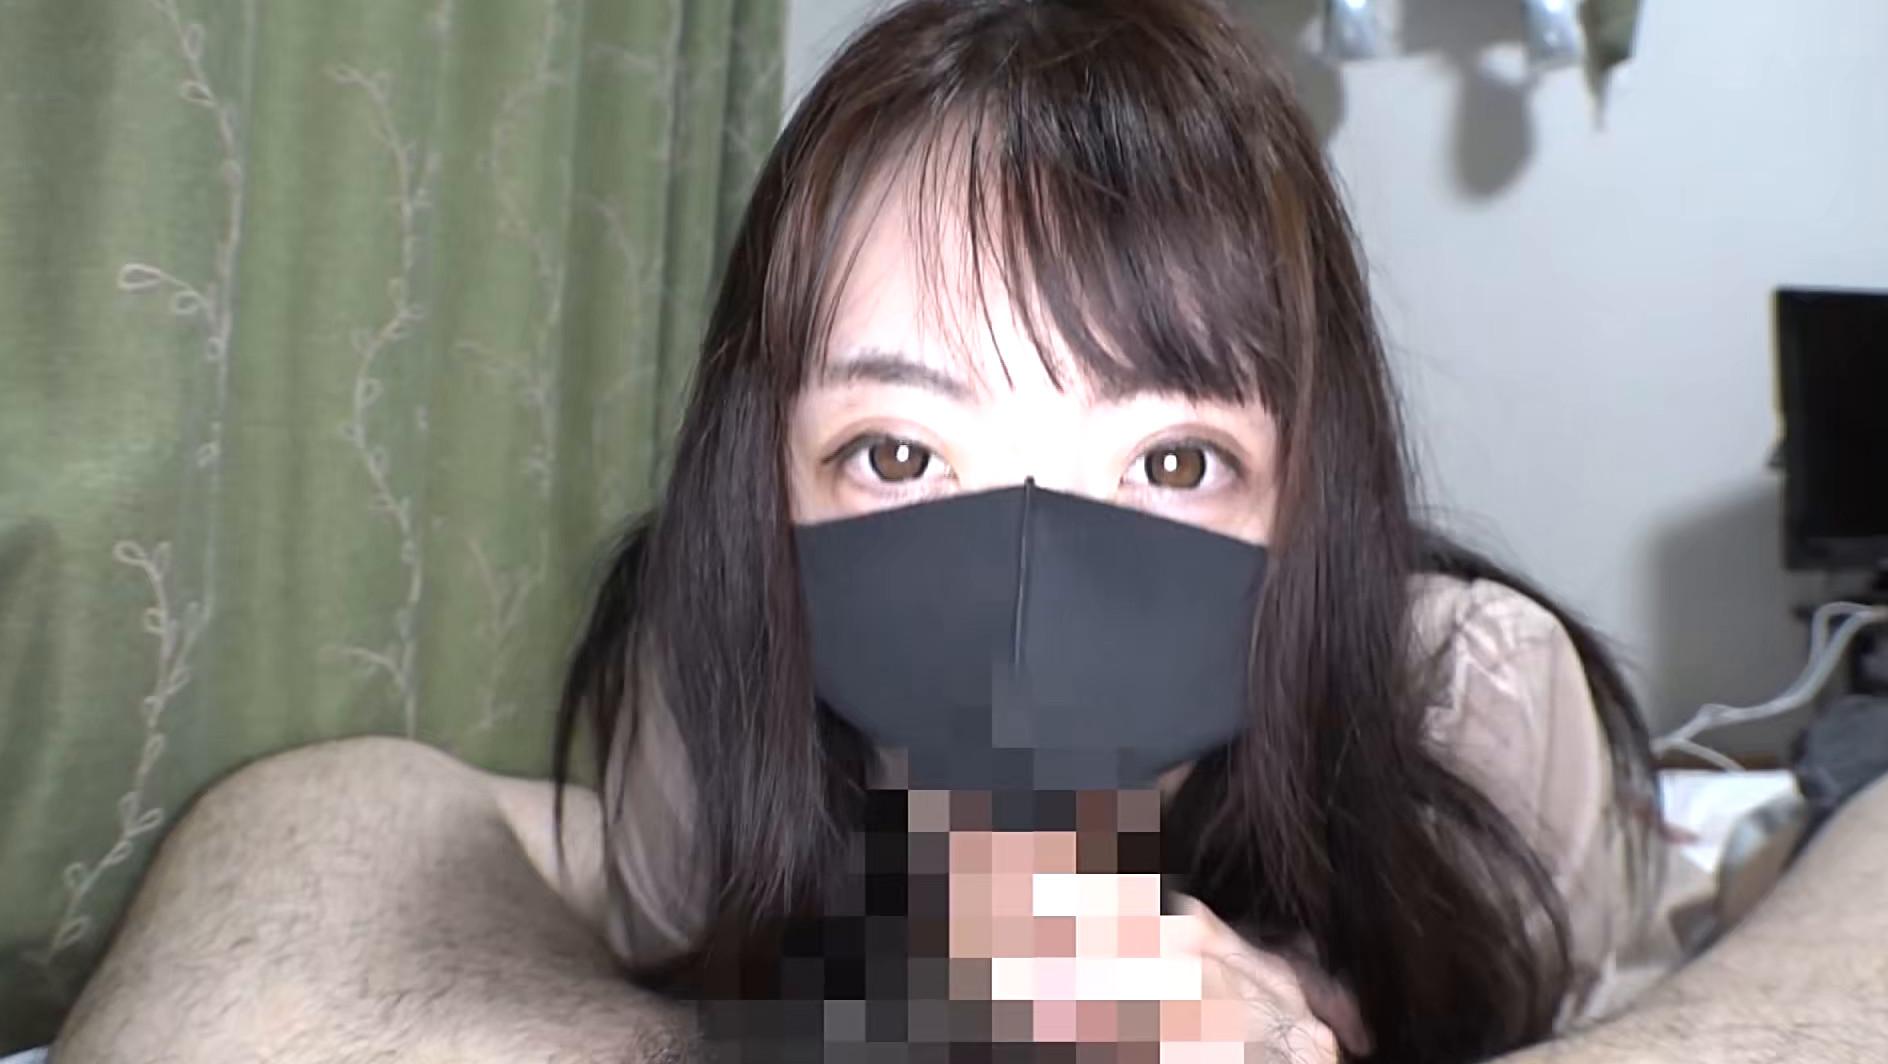 マスク着用を条件にエッチな撮影を了承してくれた普通の女子大生総集編(1)めいちゃん20歳・みどりちゃん21歳・あかねちゃん21歳